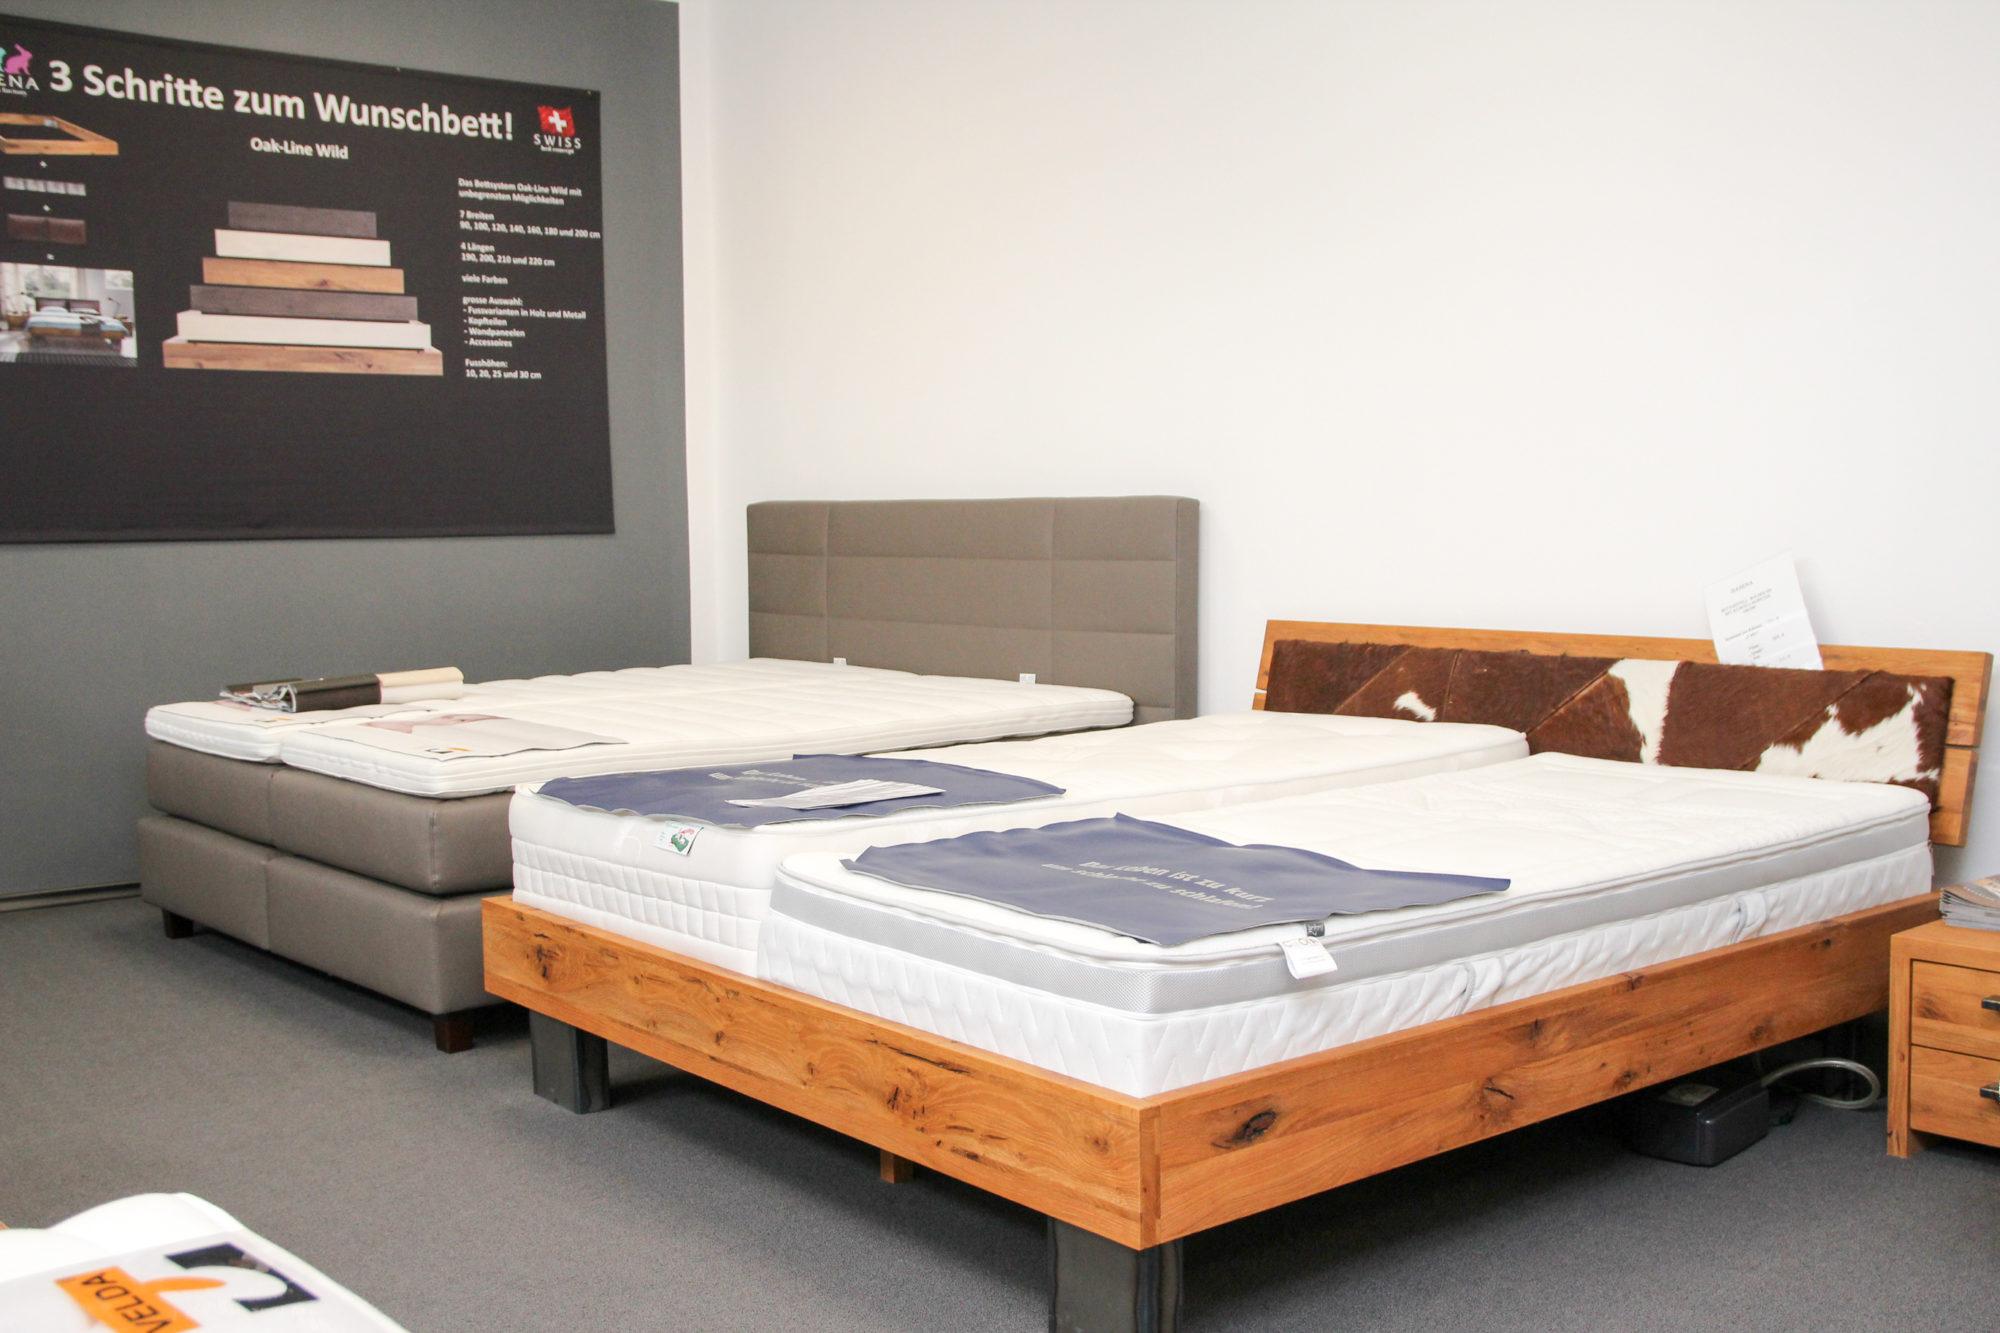 Full Size of Massivholz Betten 120x200 Bett Hamburg 140x200 Kaufen 180x200 Xxl Lutz 200x200 Berlin Massivholzbetten Schweiz Bettgestelle Wirth Aus Holz Bei Ikea Günstig Bett Massivholz Betten